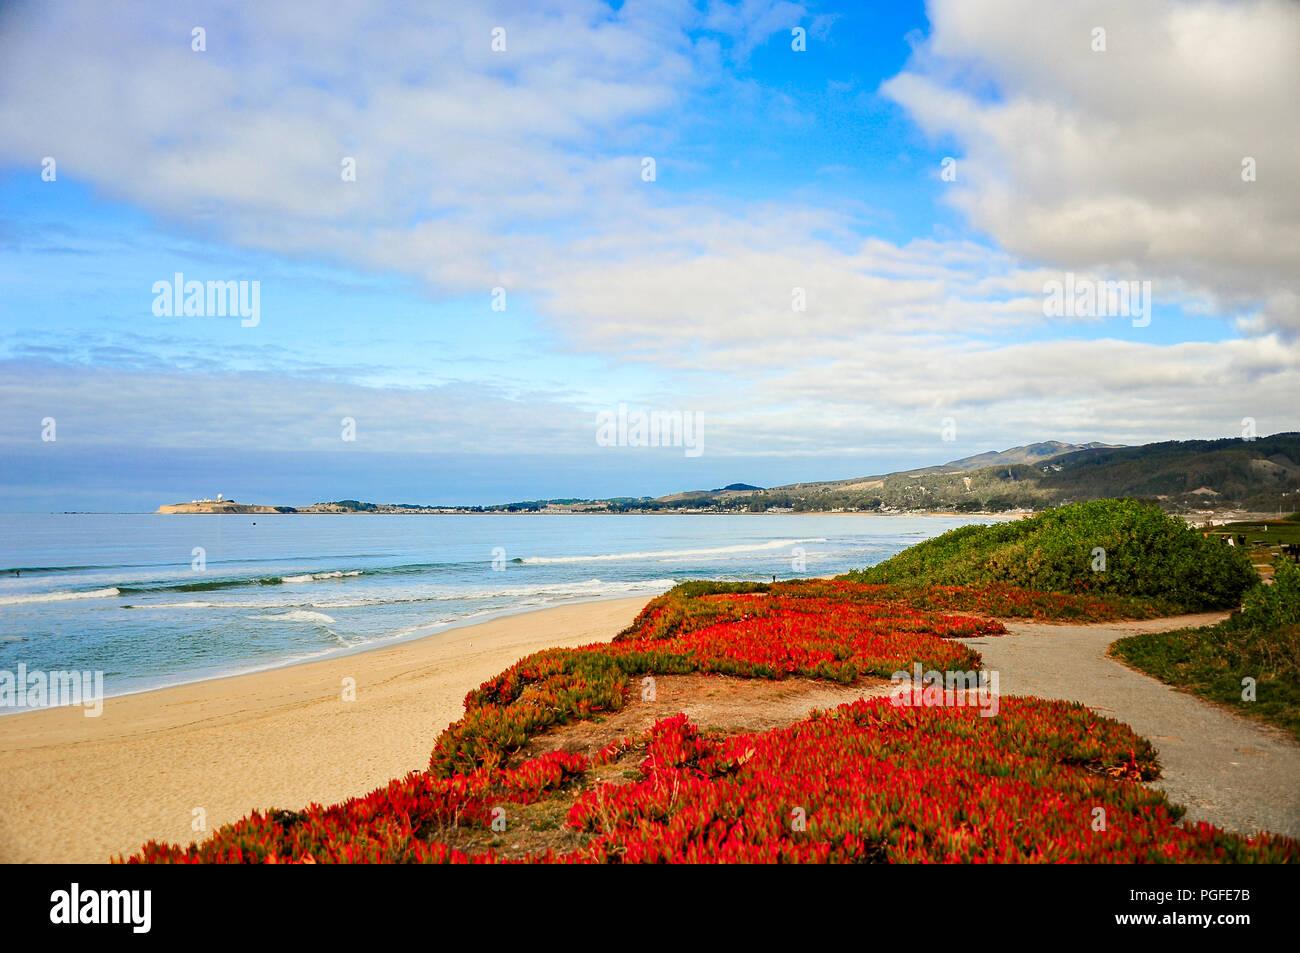 Wunderschönen Pazifischen Ozean Marine in Pebble Beach in der Nähe von Monterey, Kalifornien. Schleier mit brechenden Wellen, Sandstrand, Felsen und blaue Wolke Himmel Stockbild